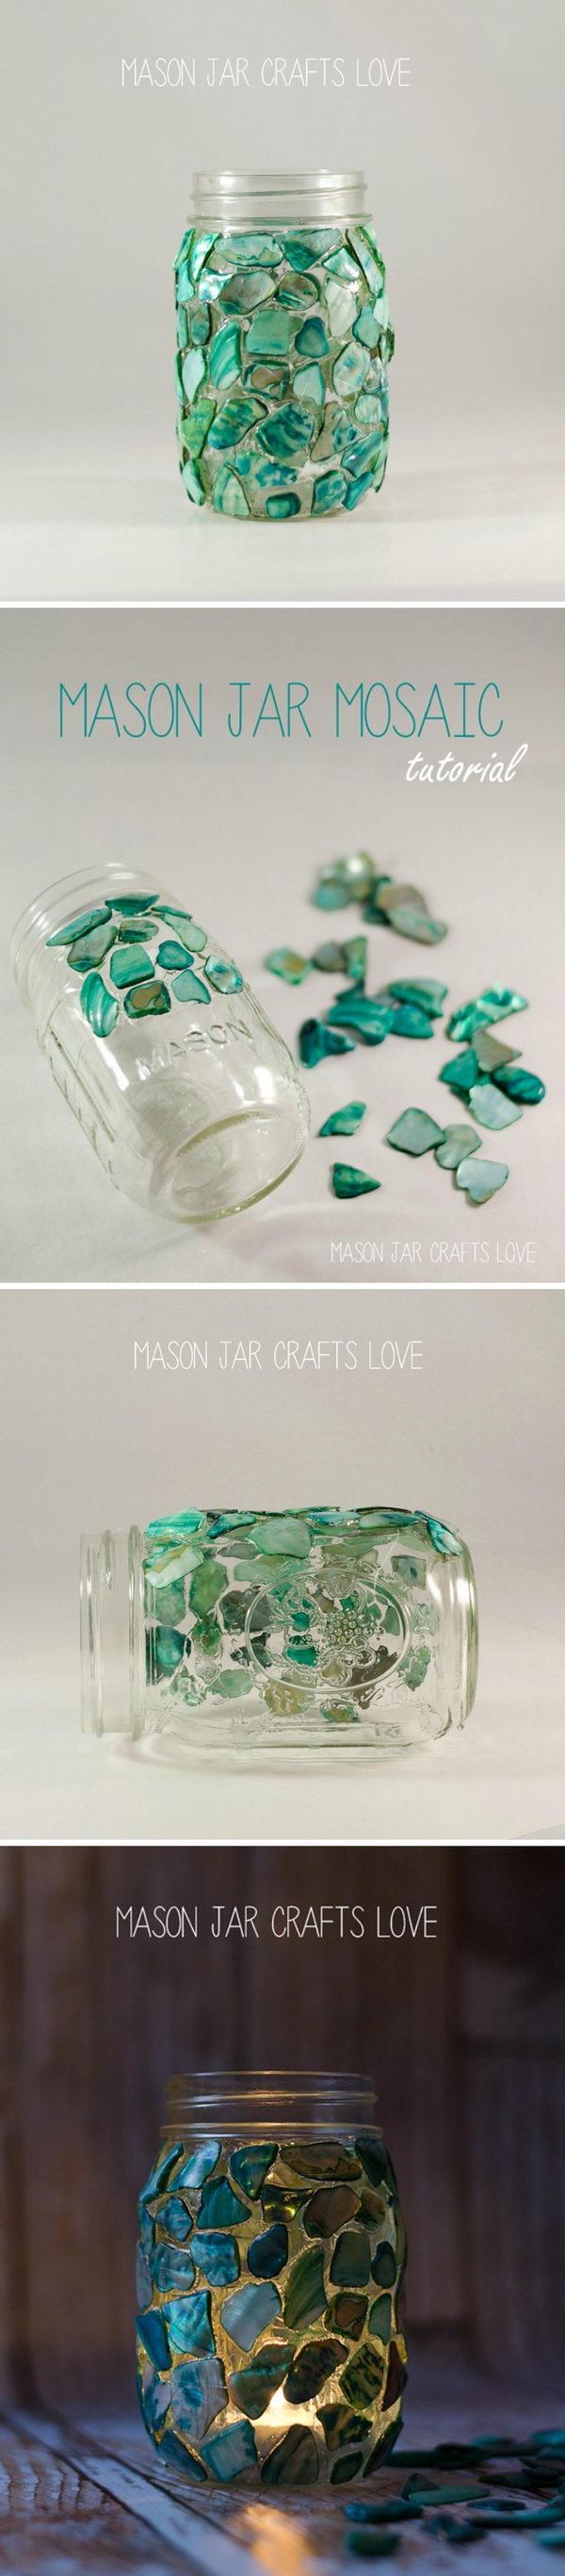 Mason Jar Mosaic.